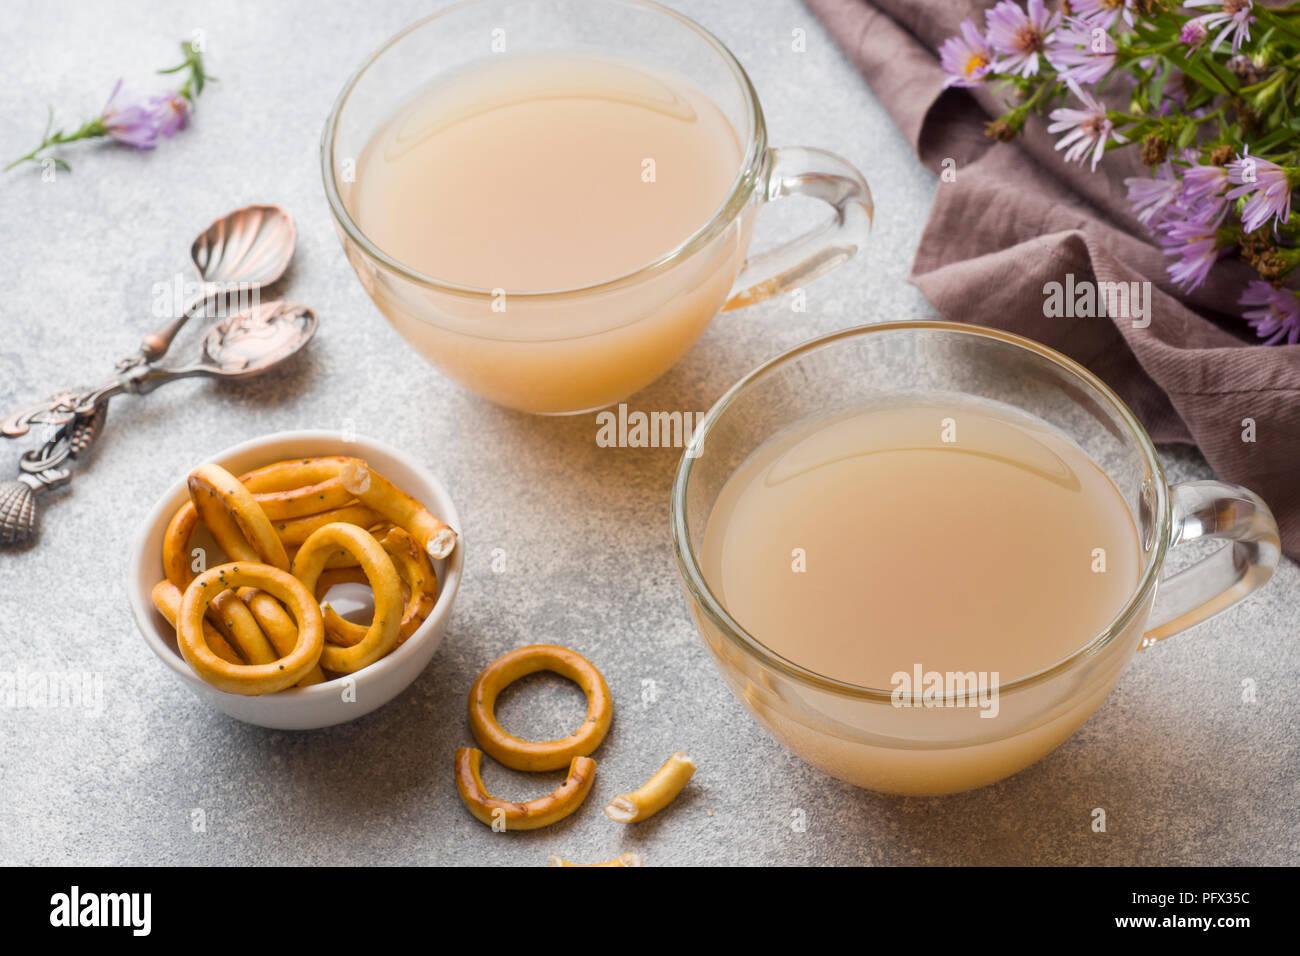 Tasse Kaffee mit Milch und Kekse auf dem grauen Tabelle. Konzept Frühstück zu Hause gemütlich. Stockbild